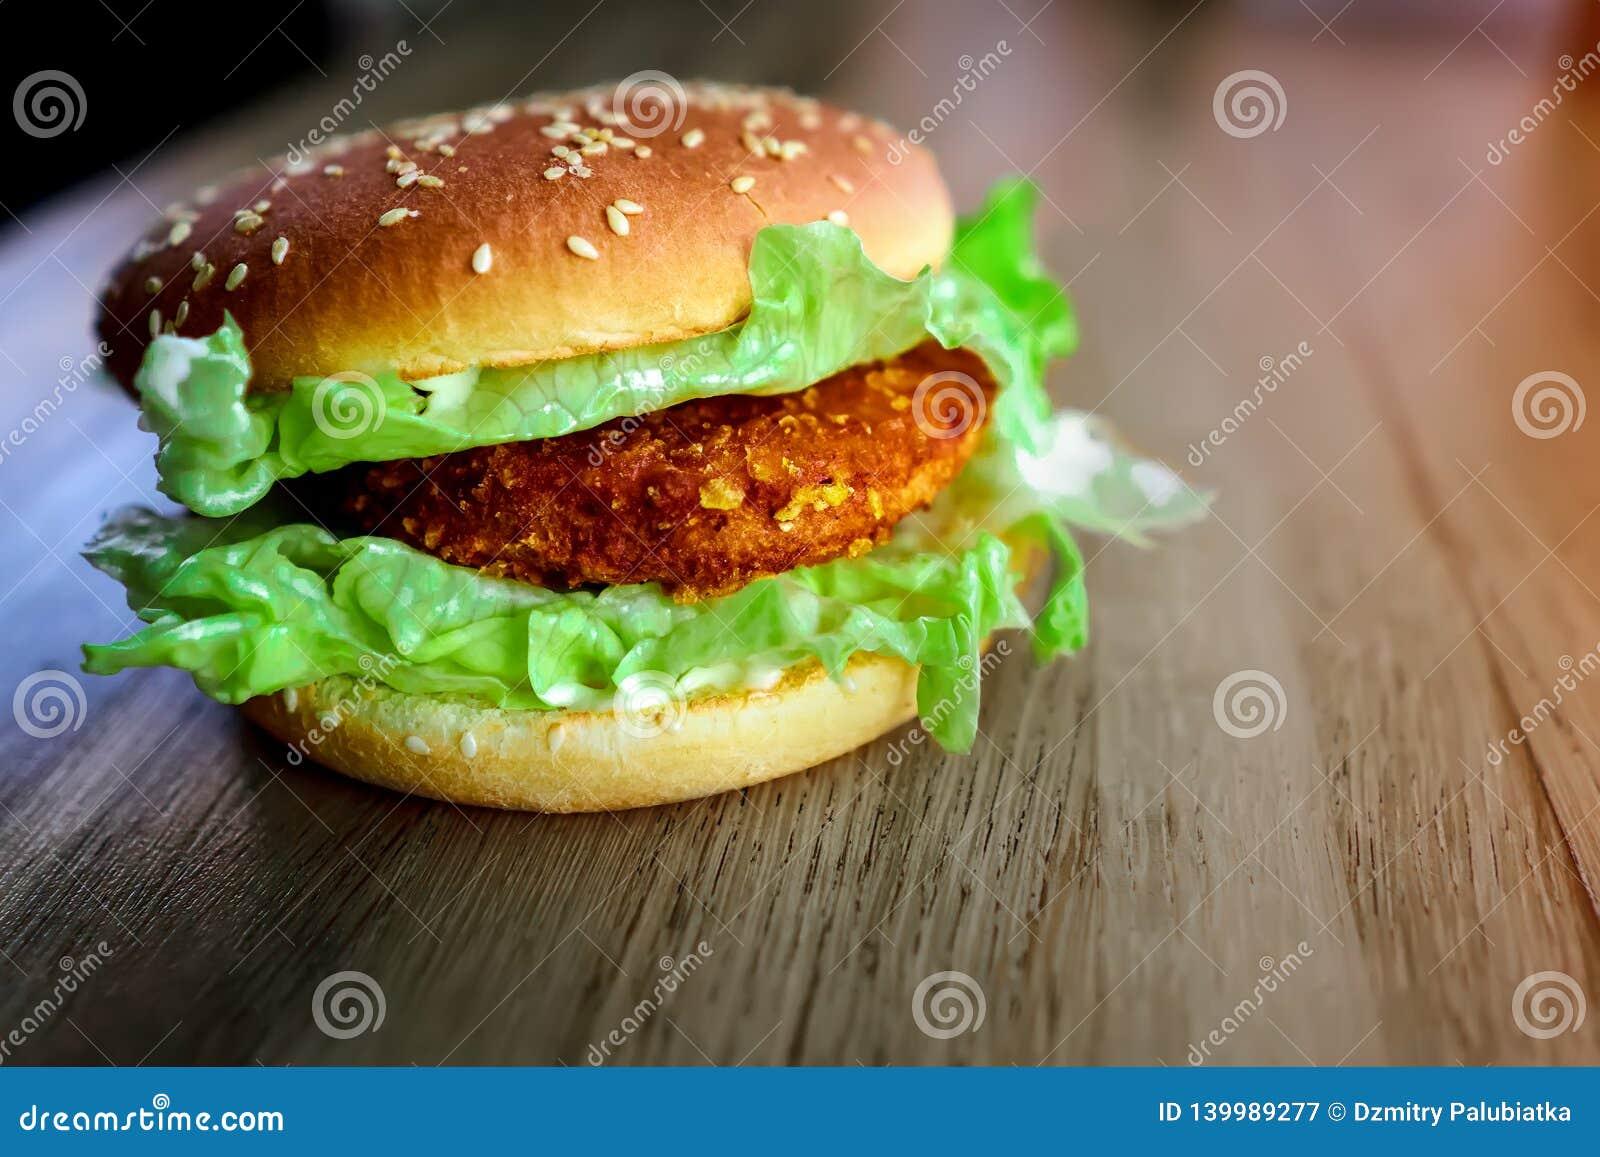 Очень вкусный и красивый бургер на таблице